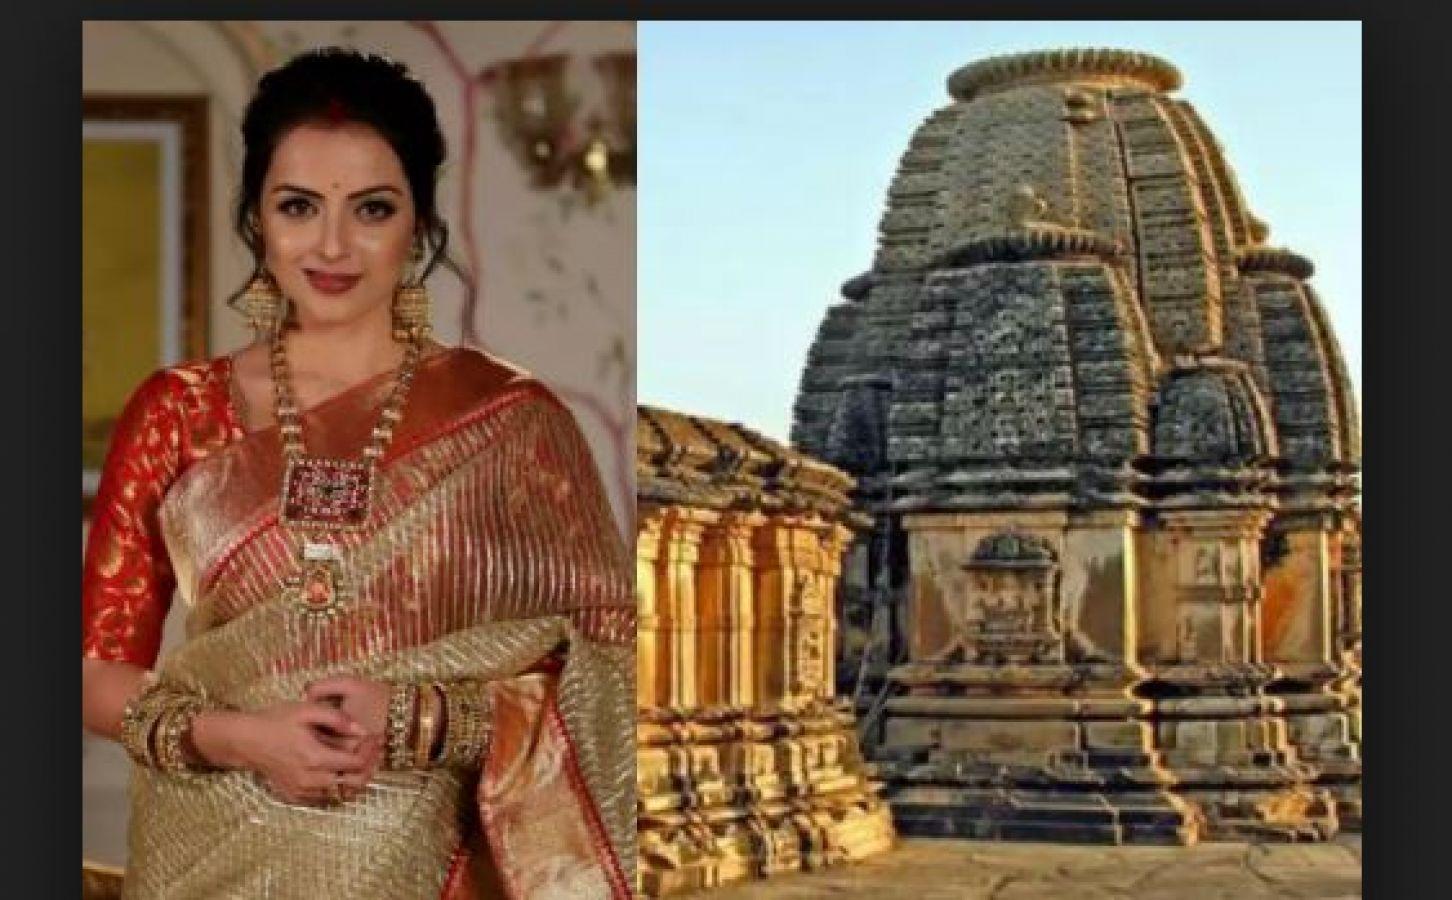 एक हजार पुराने मंदिर में लांच होगा 'एक भ्रम सर्वगुण समपन्न' शो